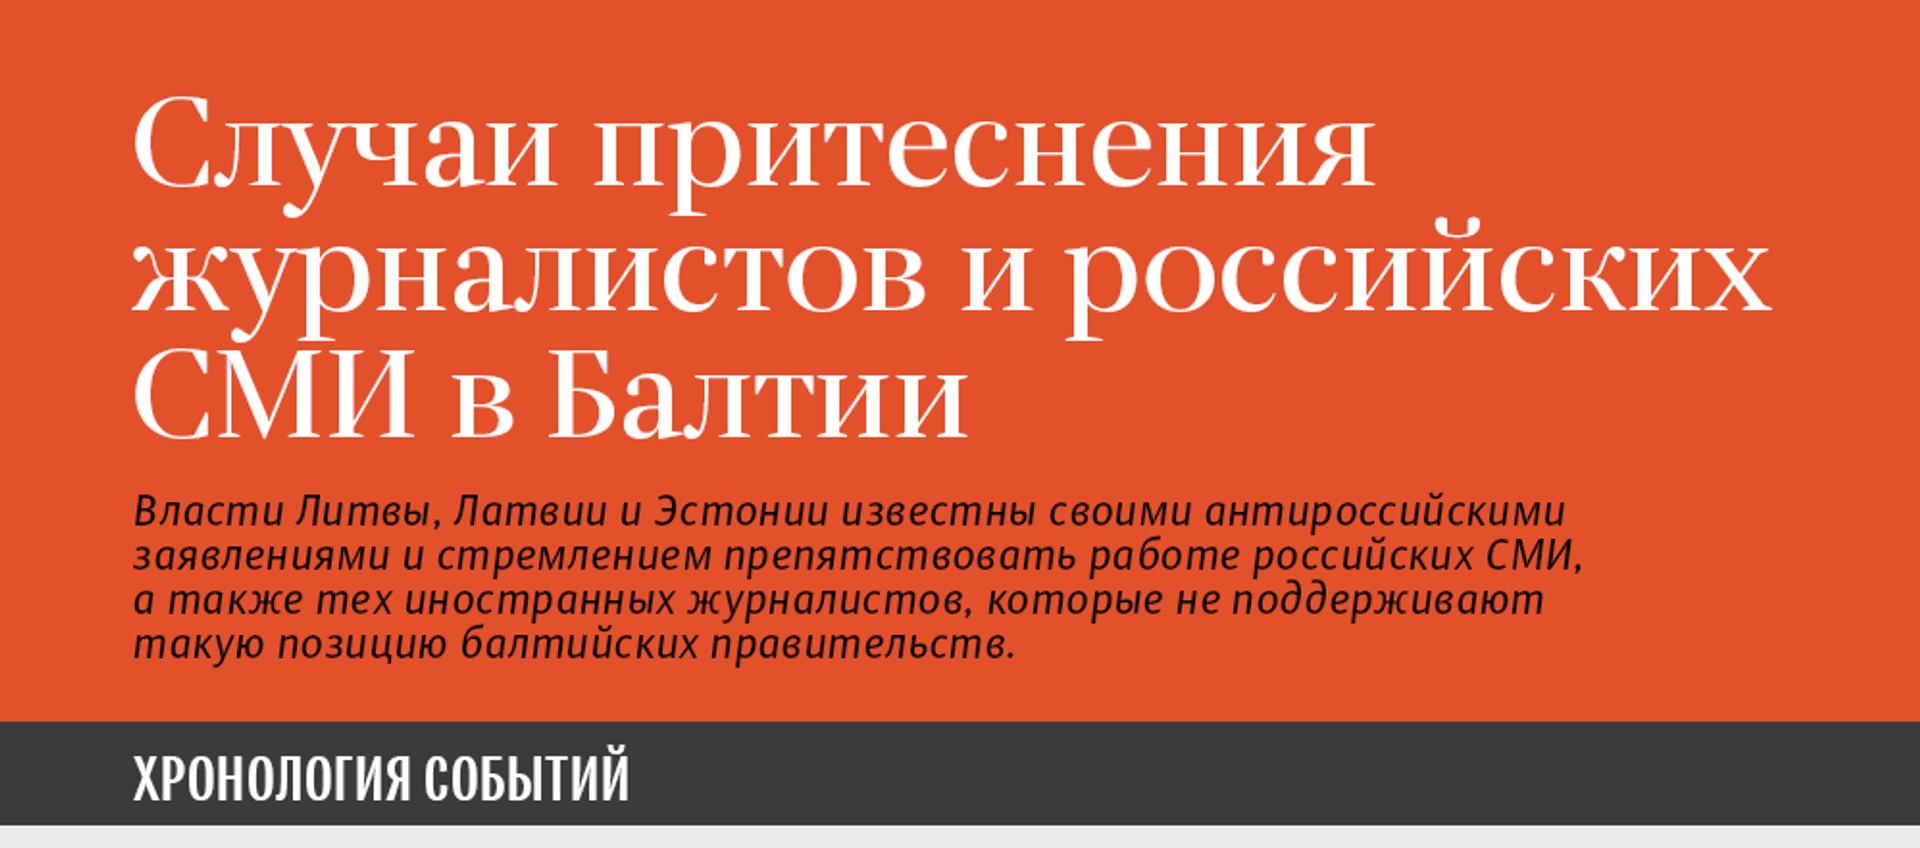 Случаи притеснения журналистов и российских СМИ в Балтии - Sputnik Узбекистан, 1920, 04.12.2020